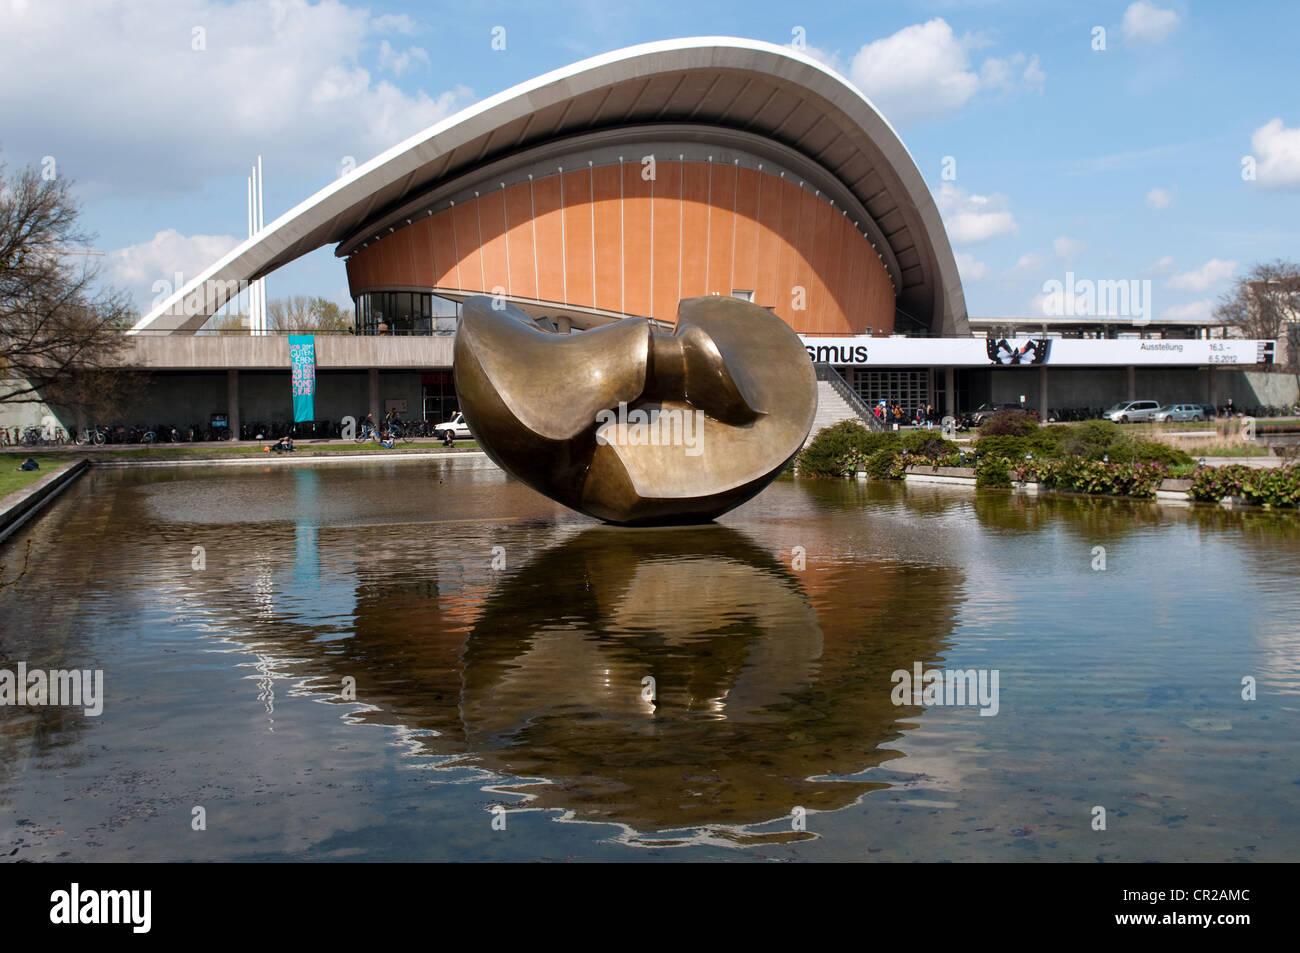 Haus der Kulturen der Welt in Berlin Deutschland Stockbild